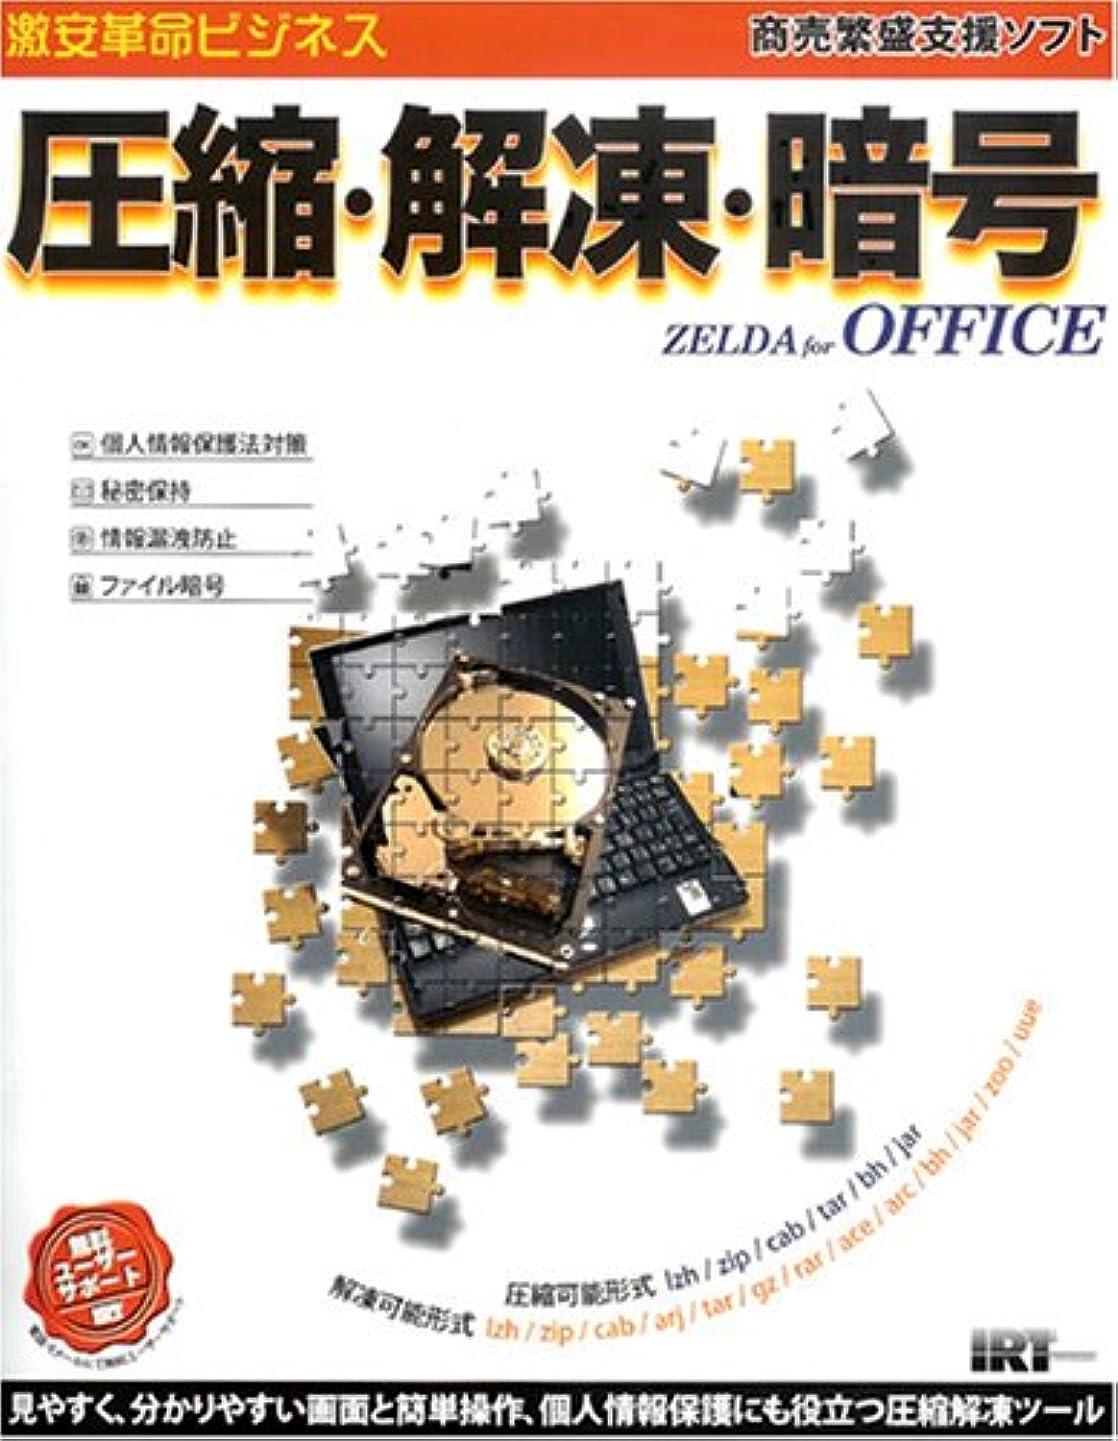 分数投げる豪華な圧縮?解凍?暗号 ZELDA for OFFICE